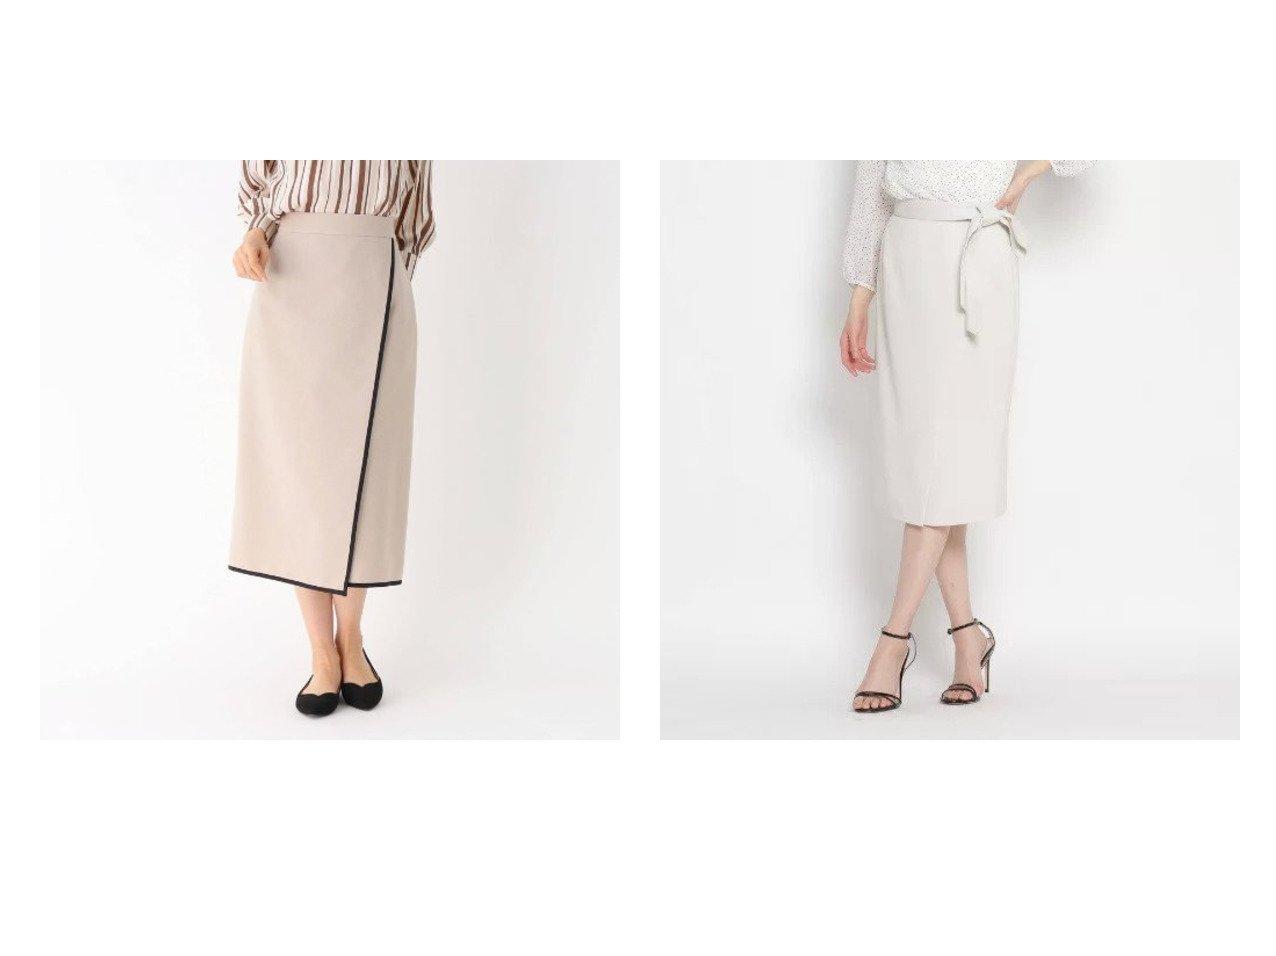 【modify/モディファイ】の配色パイピングラップ風スカート&【COUP DE CHANCE/クード シャンス】のエディスラブ タイトスカート 【スカート】おすすめ!人気、トレンド・レディースファッションの通販 おすすめで人気の流行・トレンド、ファッションの通販商品 メンズファッション・キッズファッション・インテリア・家具・レディースファッション・服の通販 founy(ファニー) https://founy.com/ ファッション Fashion レディースファッション WOMEN スカート Skirt タイトスカート ポケット ラップ リボン ストレッチ ストレート トレンド パイピング ロング |ID:crp329100000031414